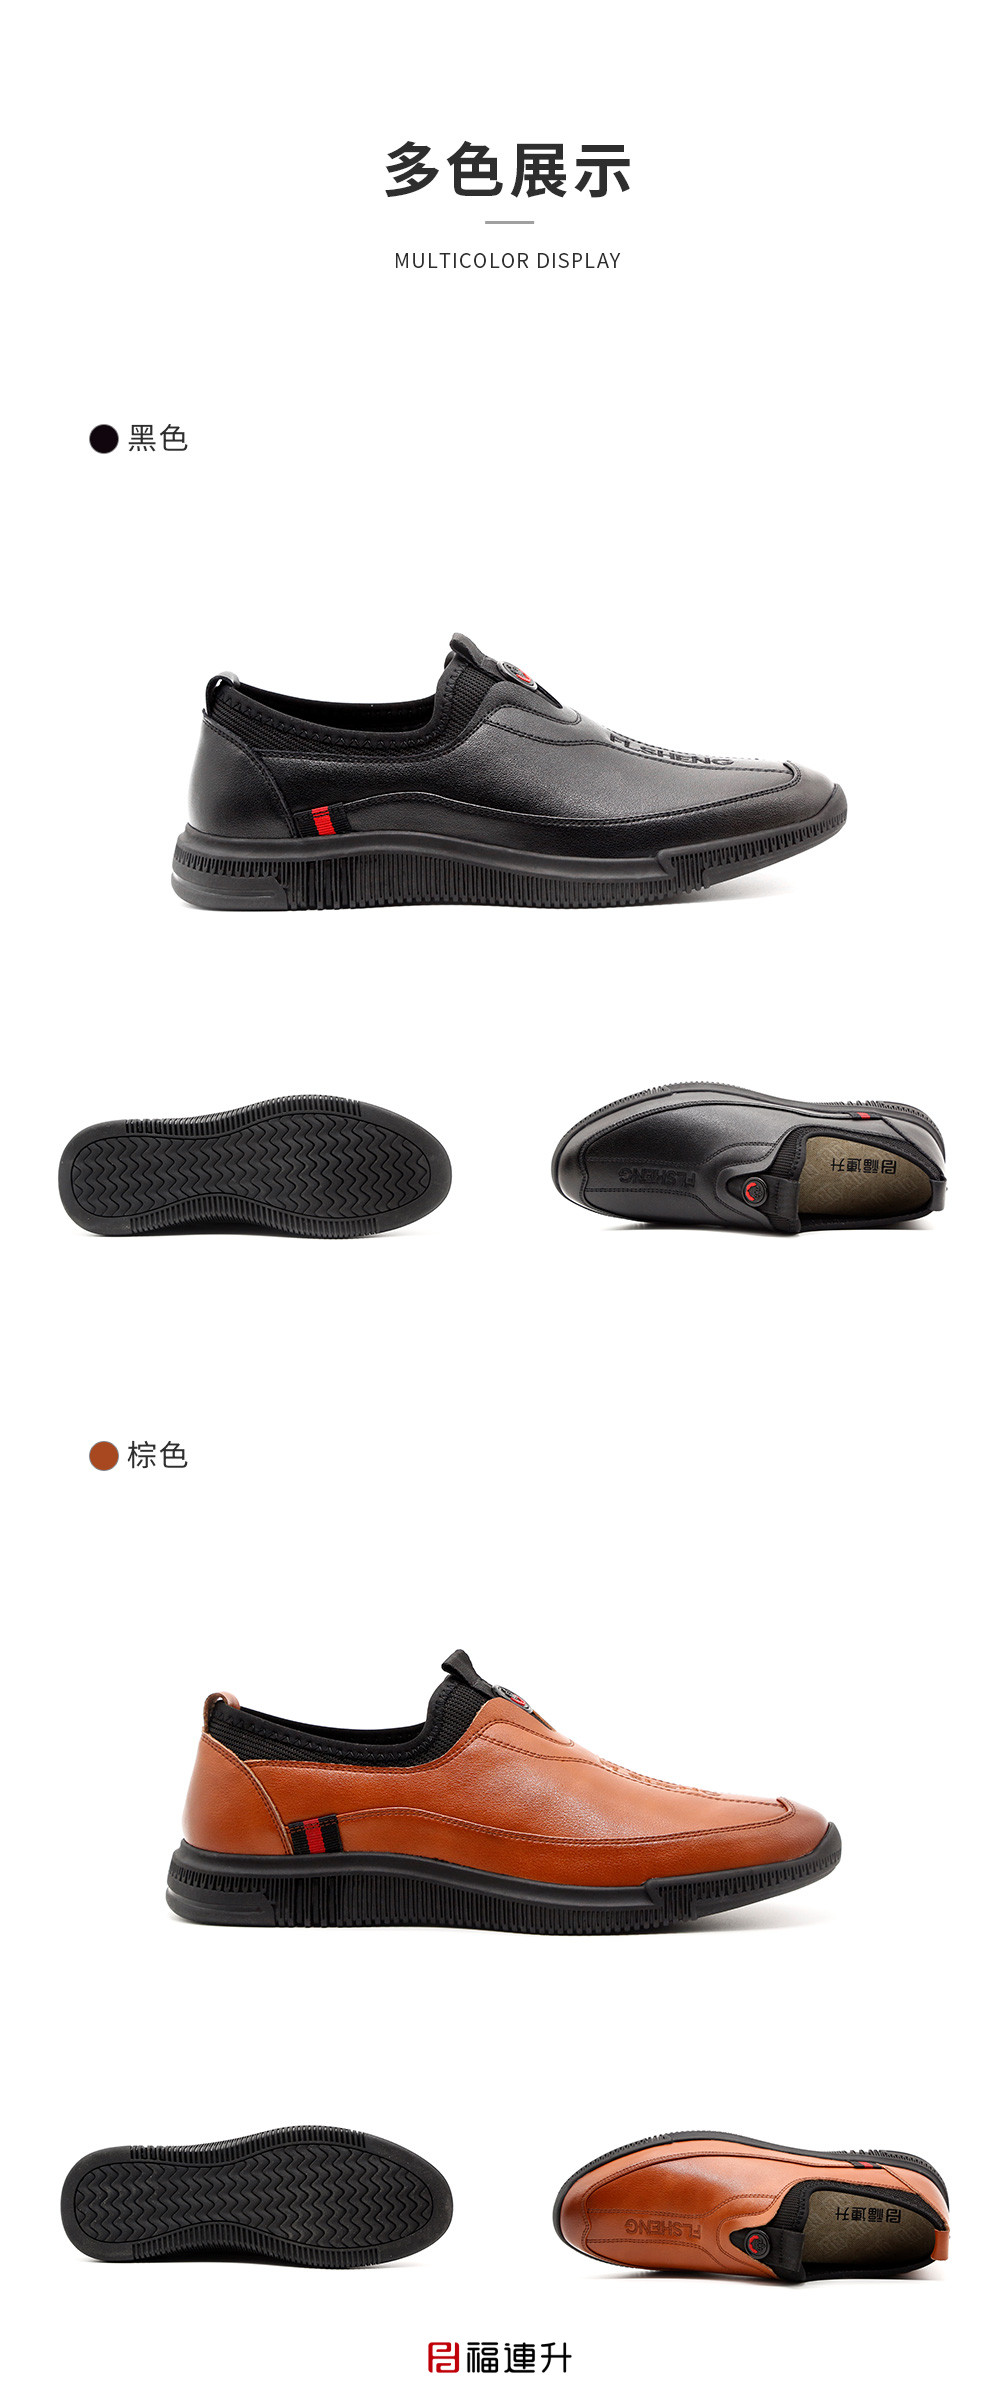 男鞋商务正装黑色棉麻透气一脚蹬懒人豆豆鞋图片